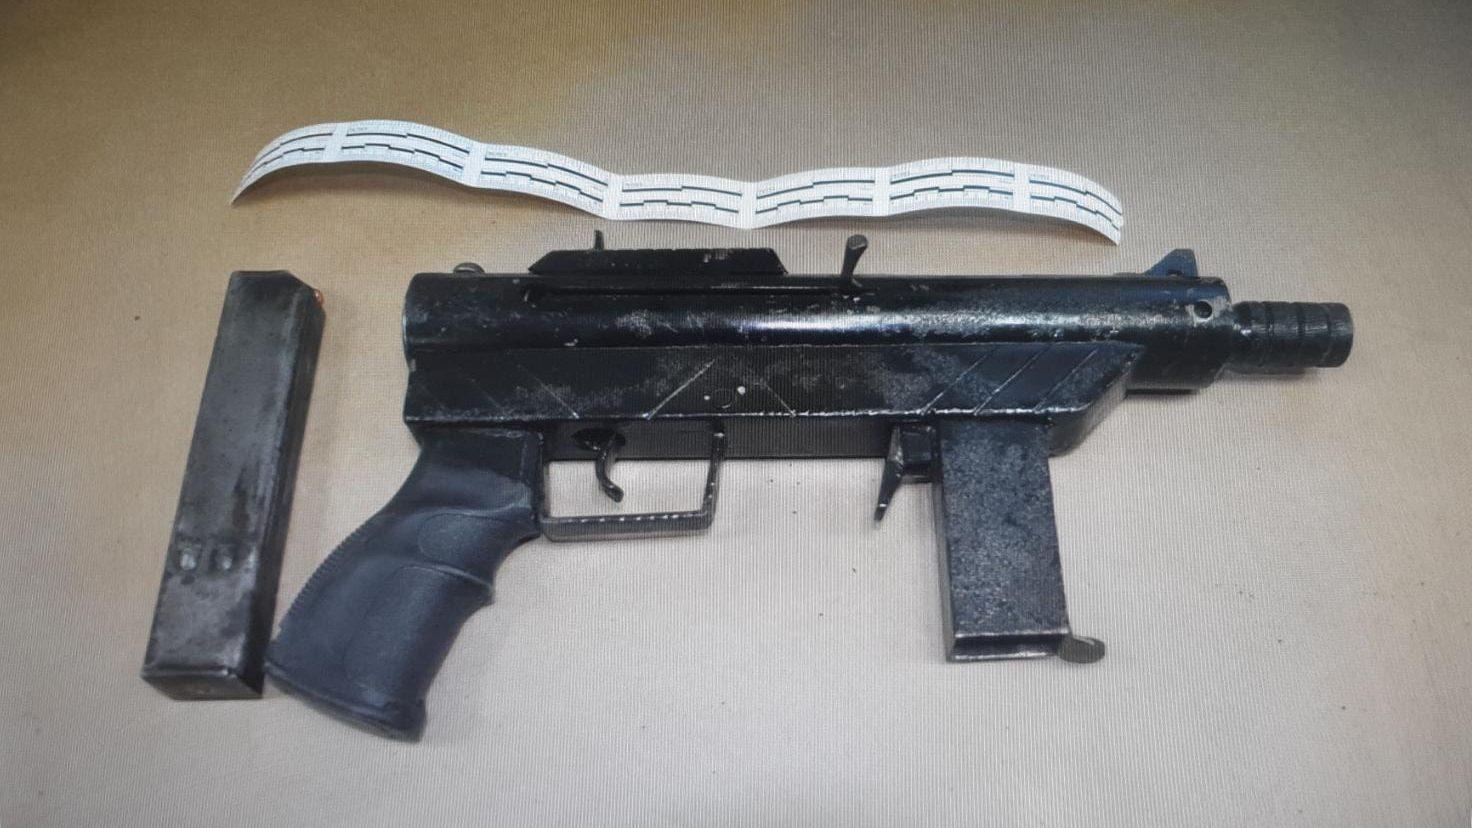 גבר מטייבה נעצר לאחר שהחזיק נשק בביתו – כתב אישום ובקשת מעצר הוגשו כנגדו